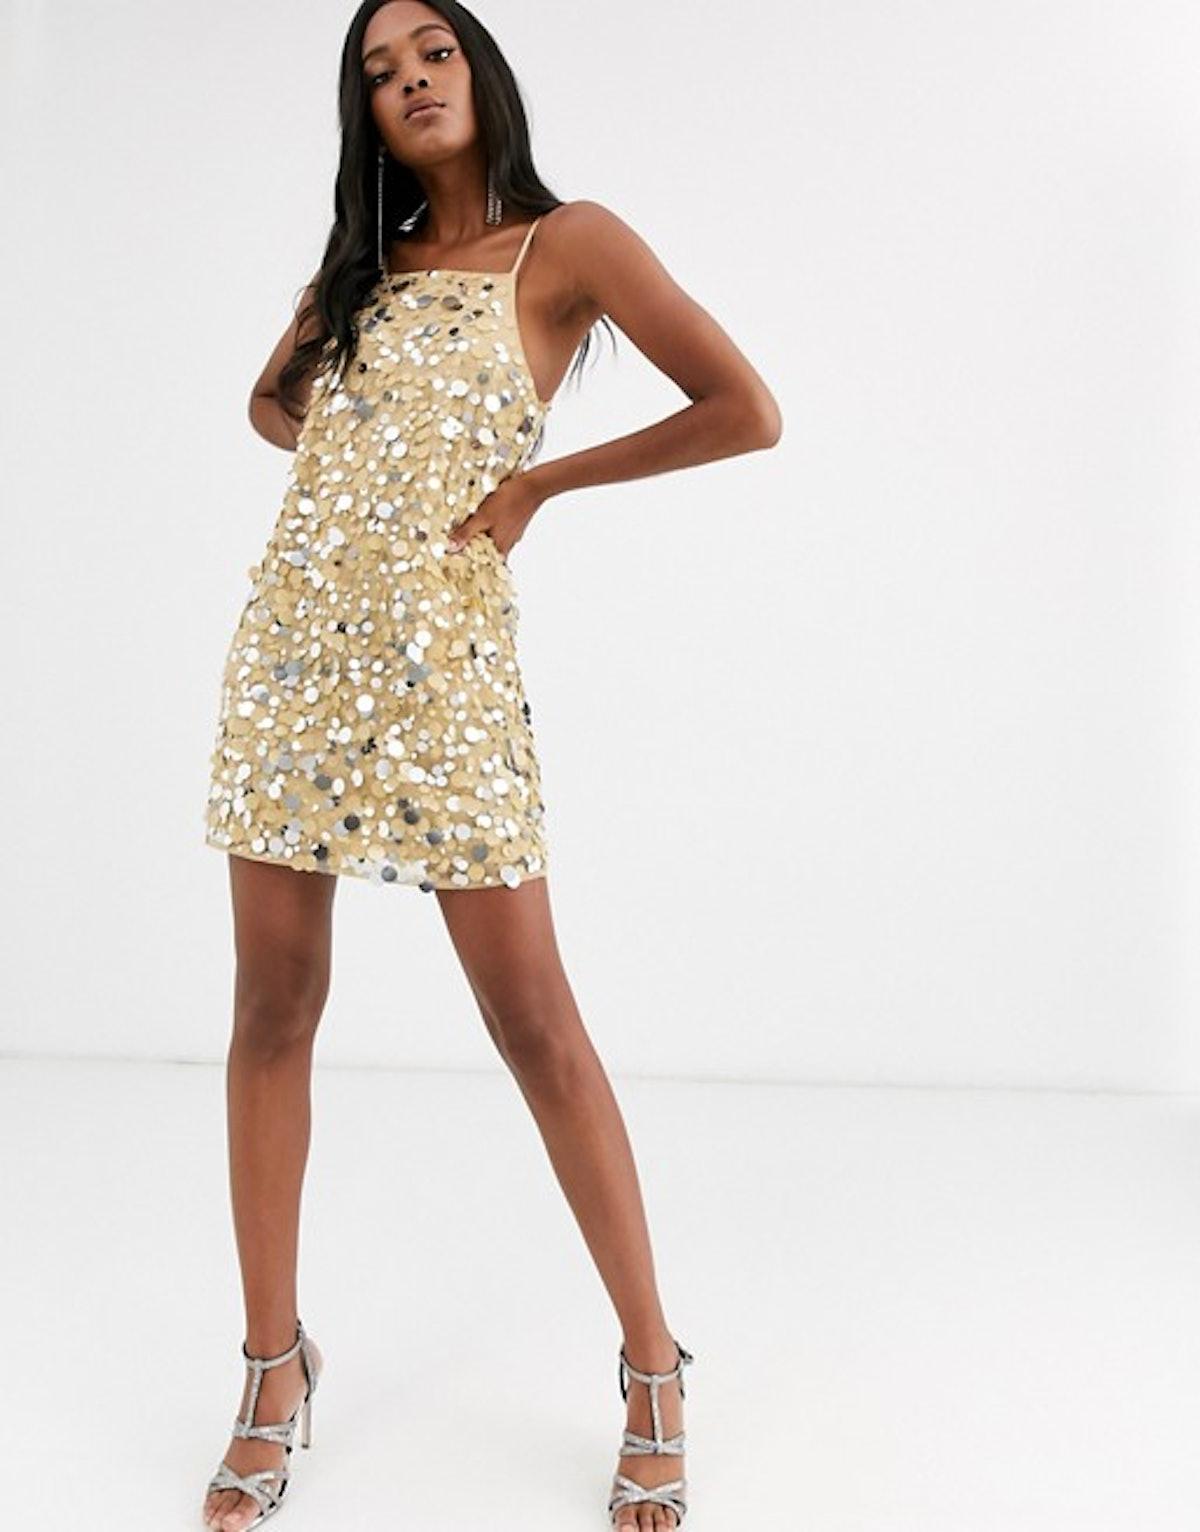 ASOS Design Mini Cami Dress in Disc Sequin